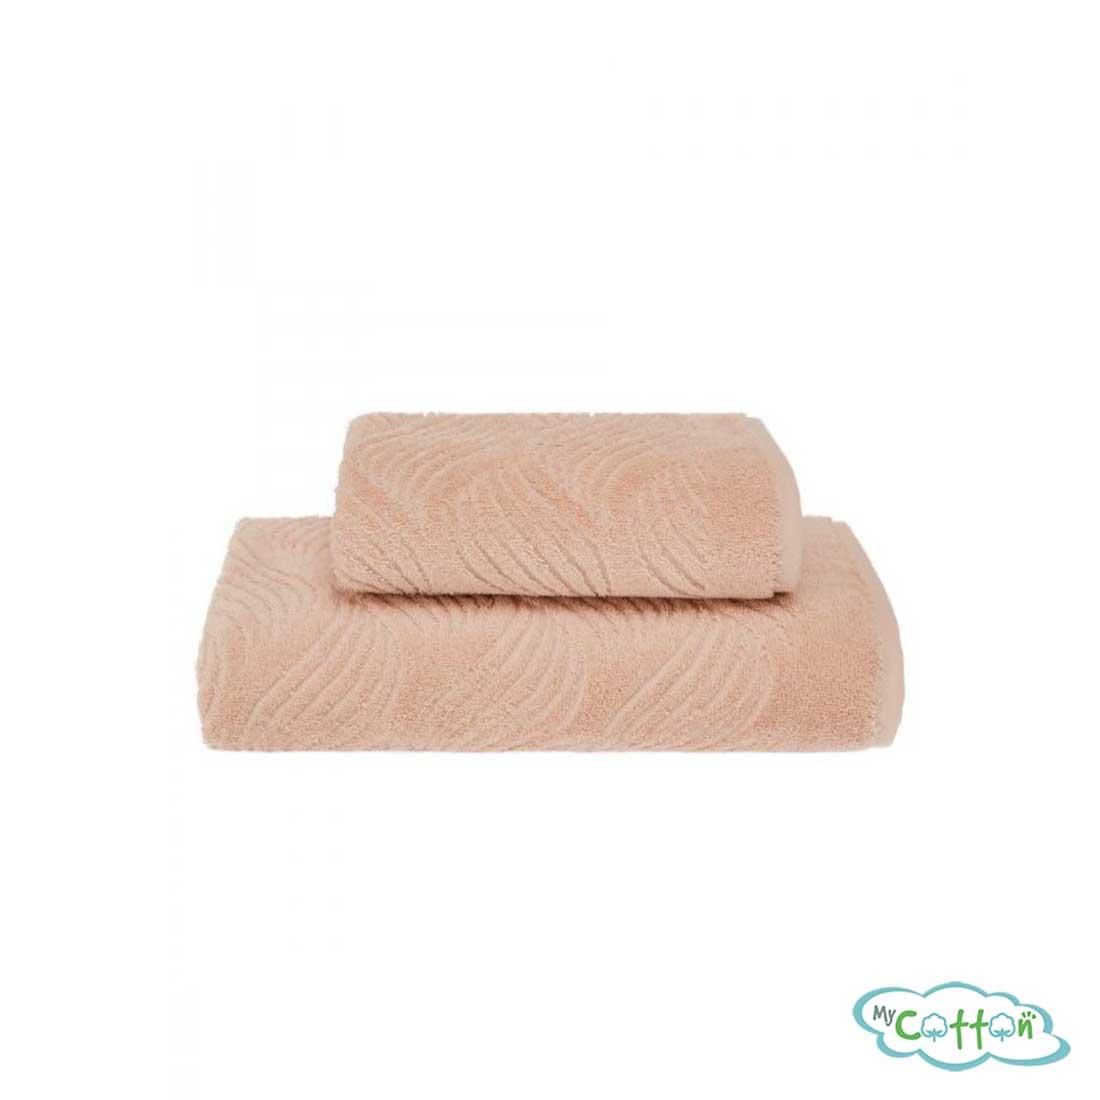 Полотенце махровое Soft Cotton светло-бежевое WAVE